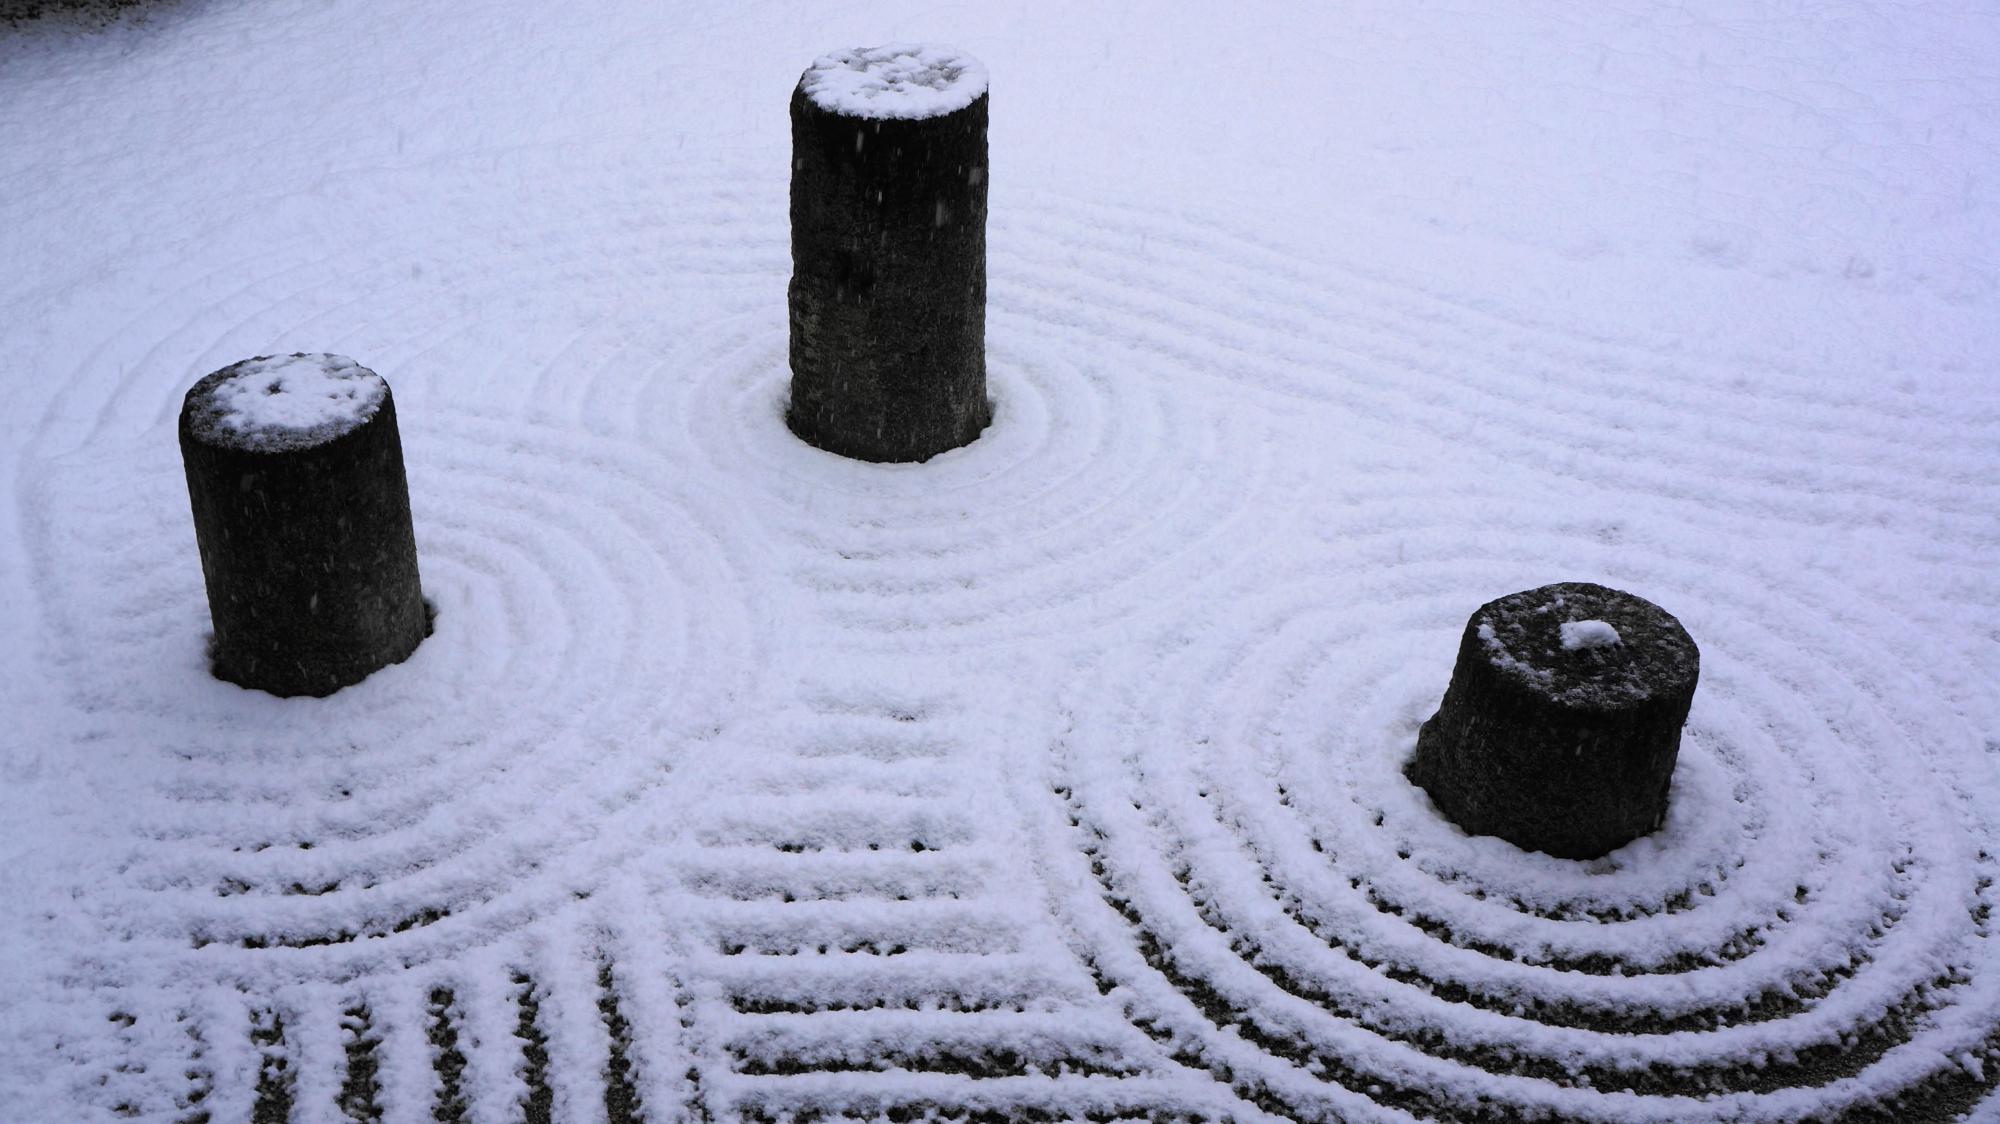 東福寺方丈東庭の円柱の上に積もる雪